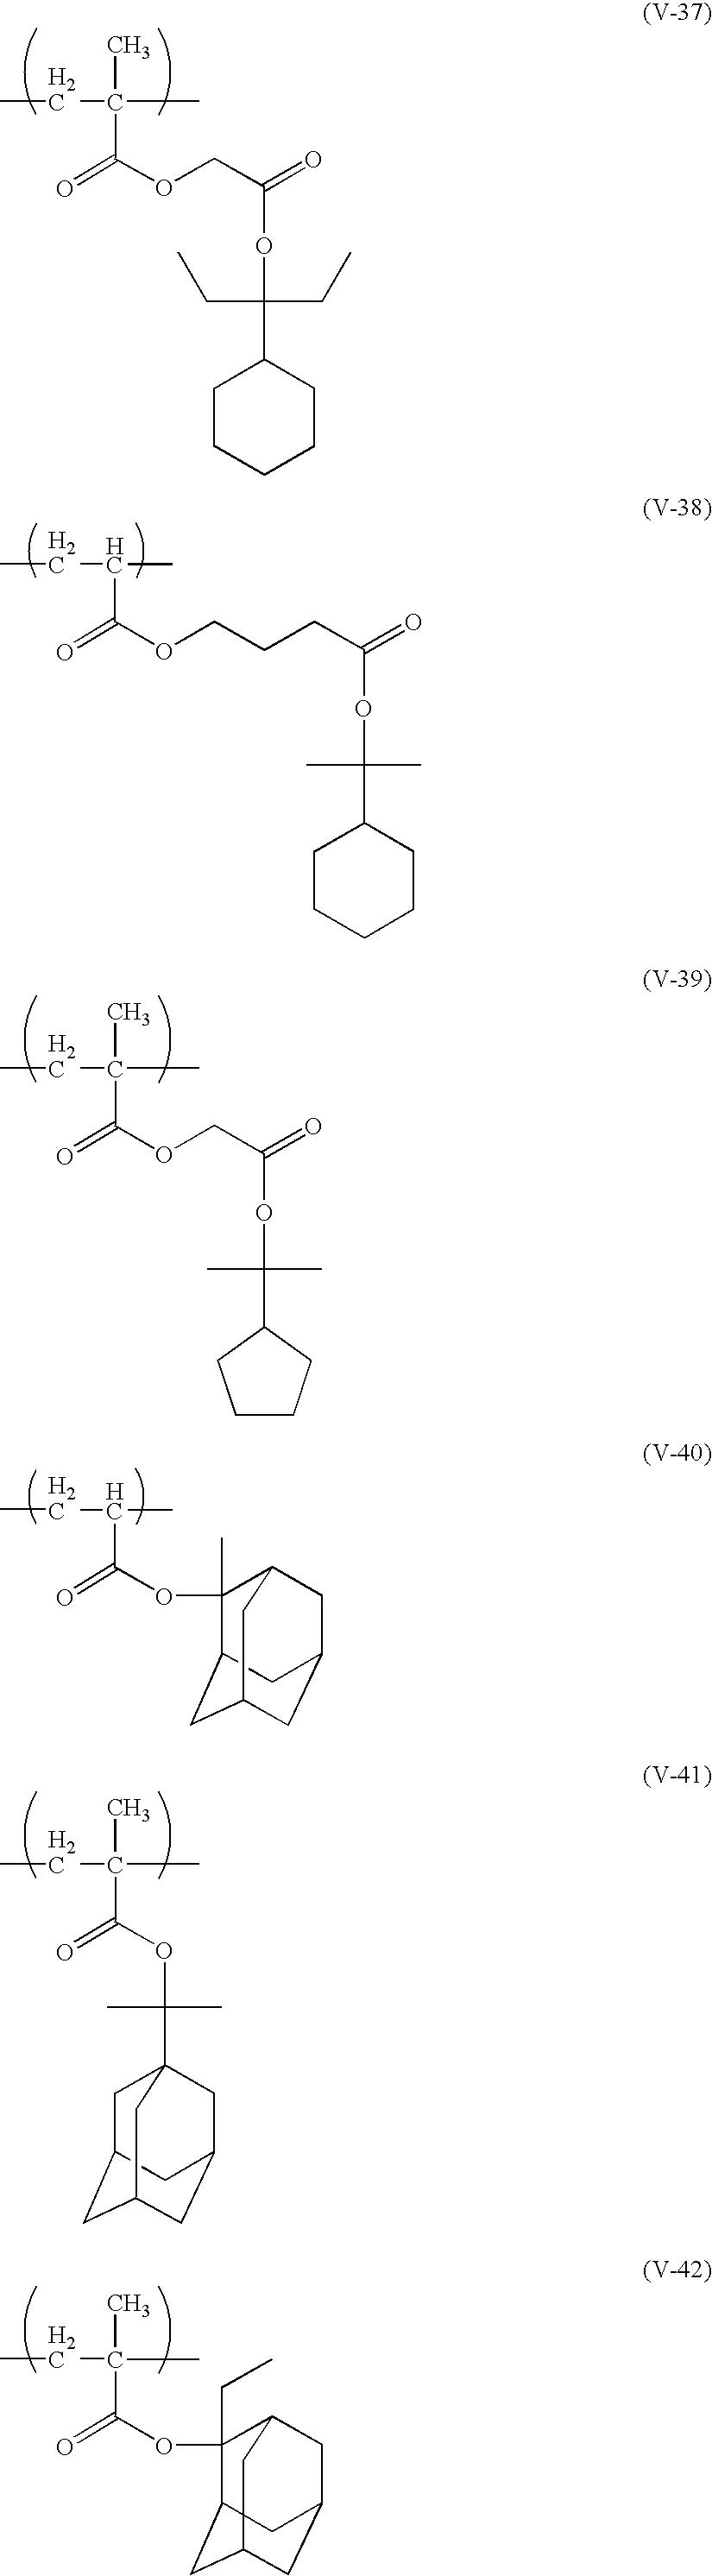 Figure US20100183975A1-20100722-C00114